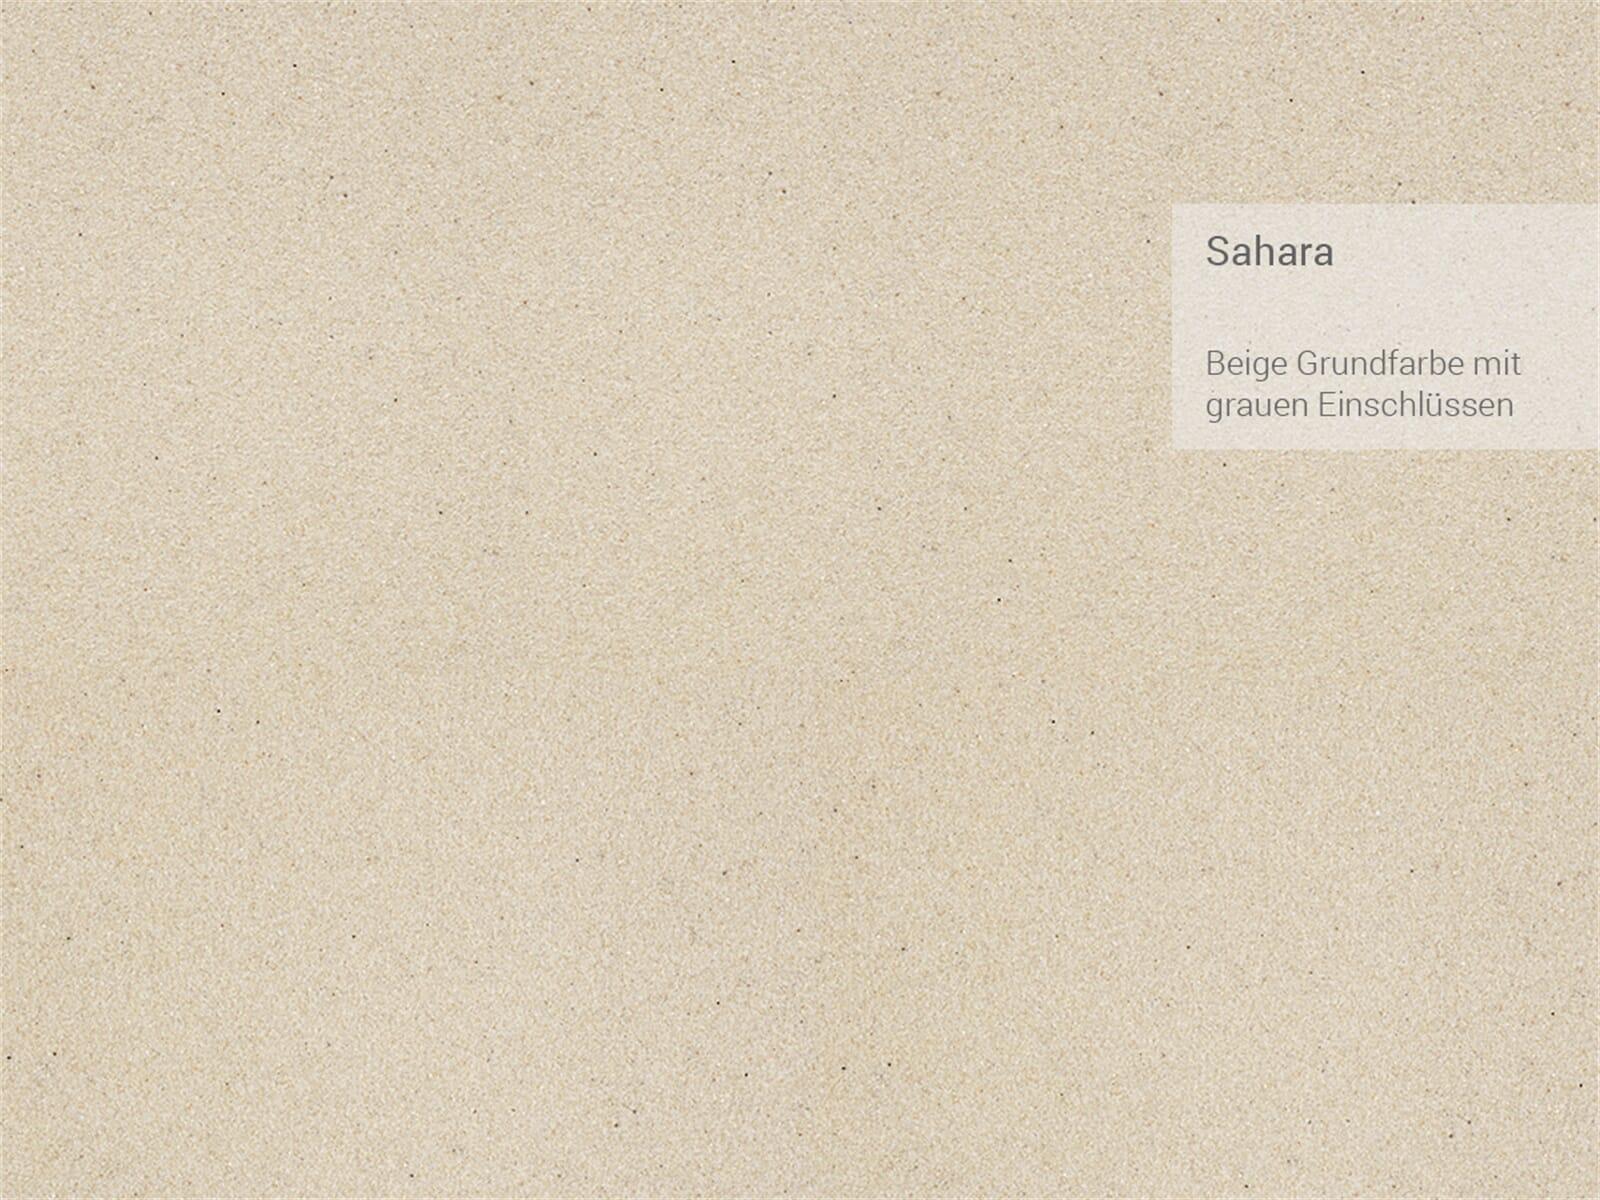 Franke Strata STG 651-86 Sahara Granitspüle